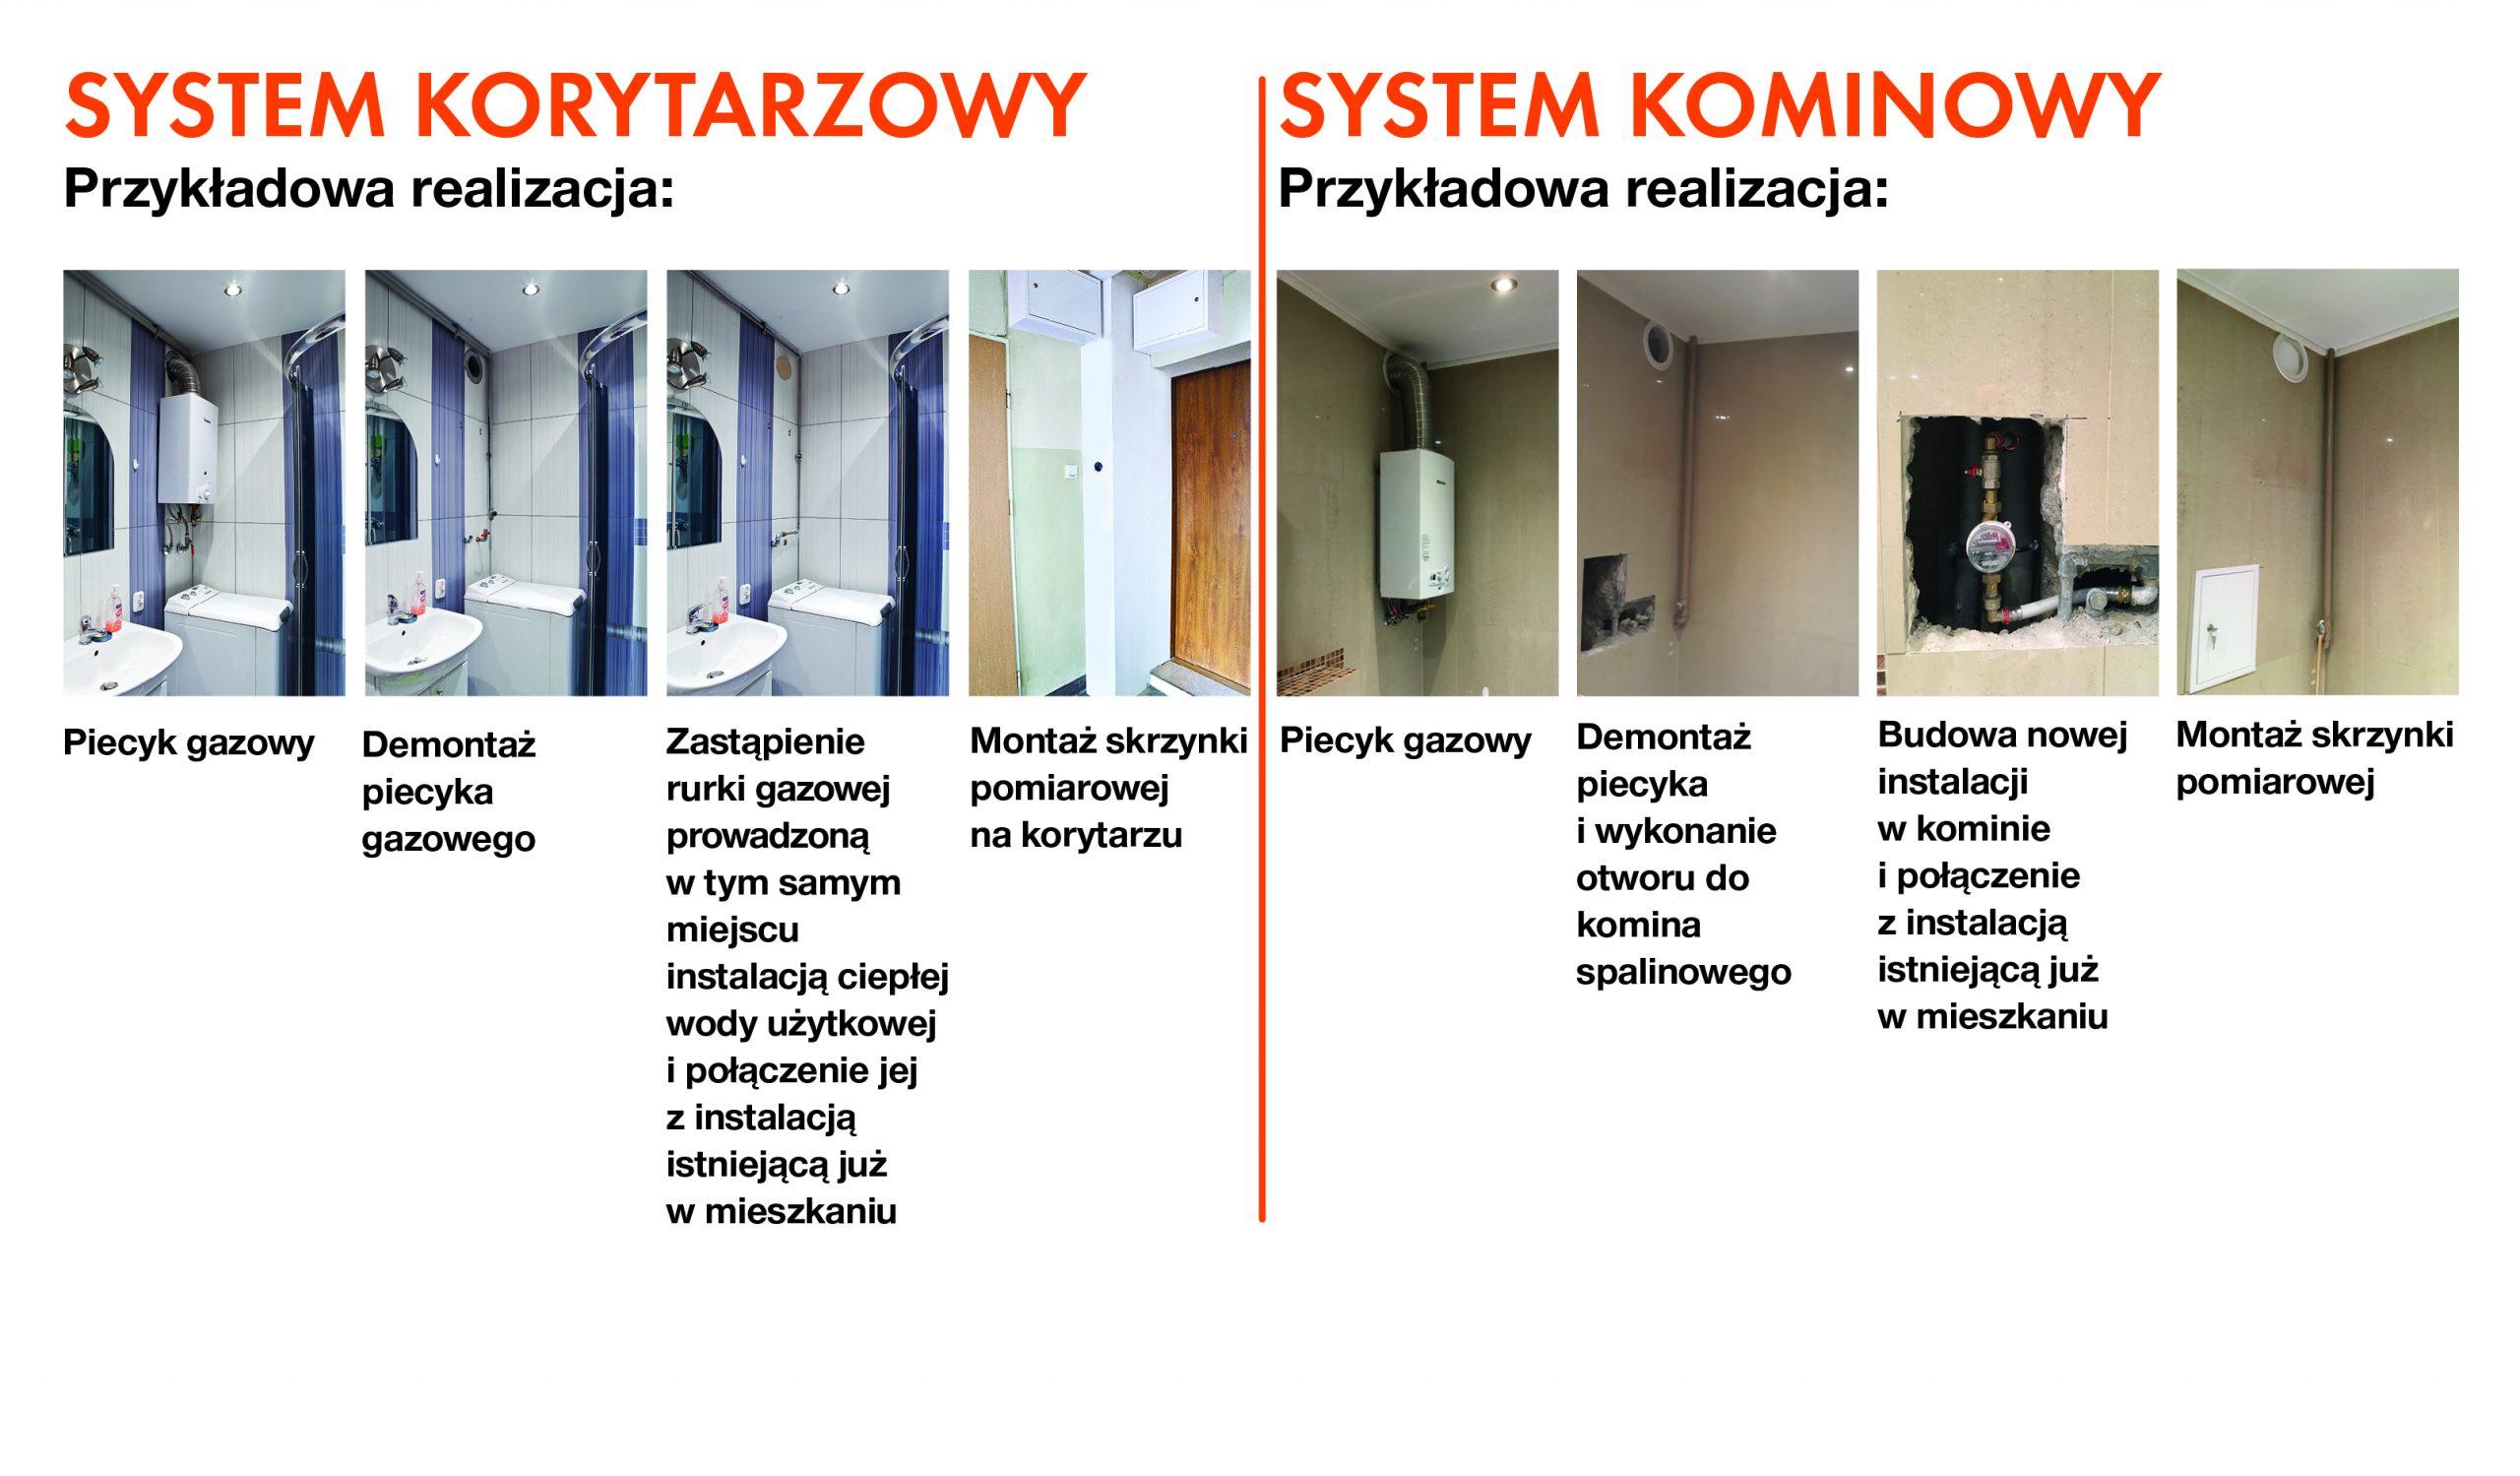 Jak wygląda instalacja ciepłej wody użytkowej w budynku?